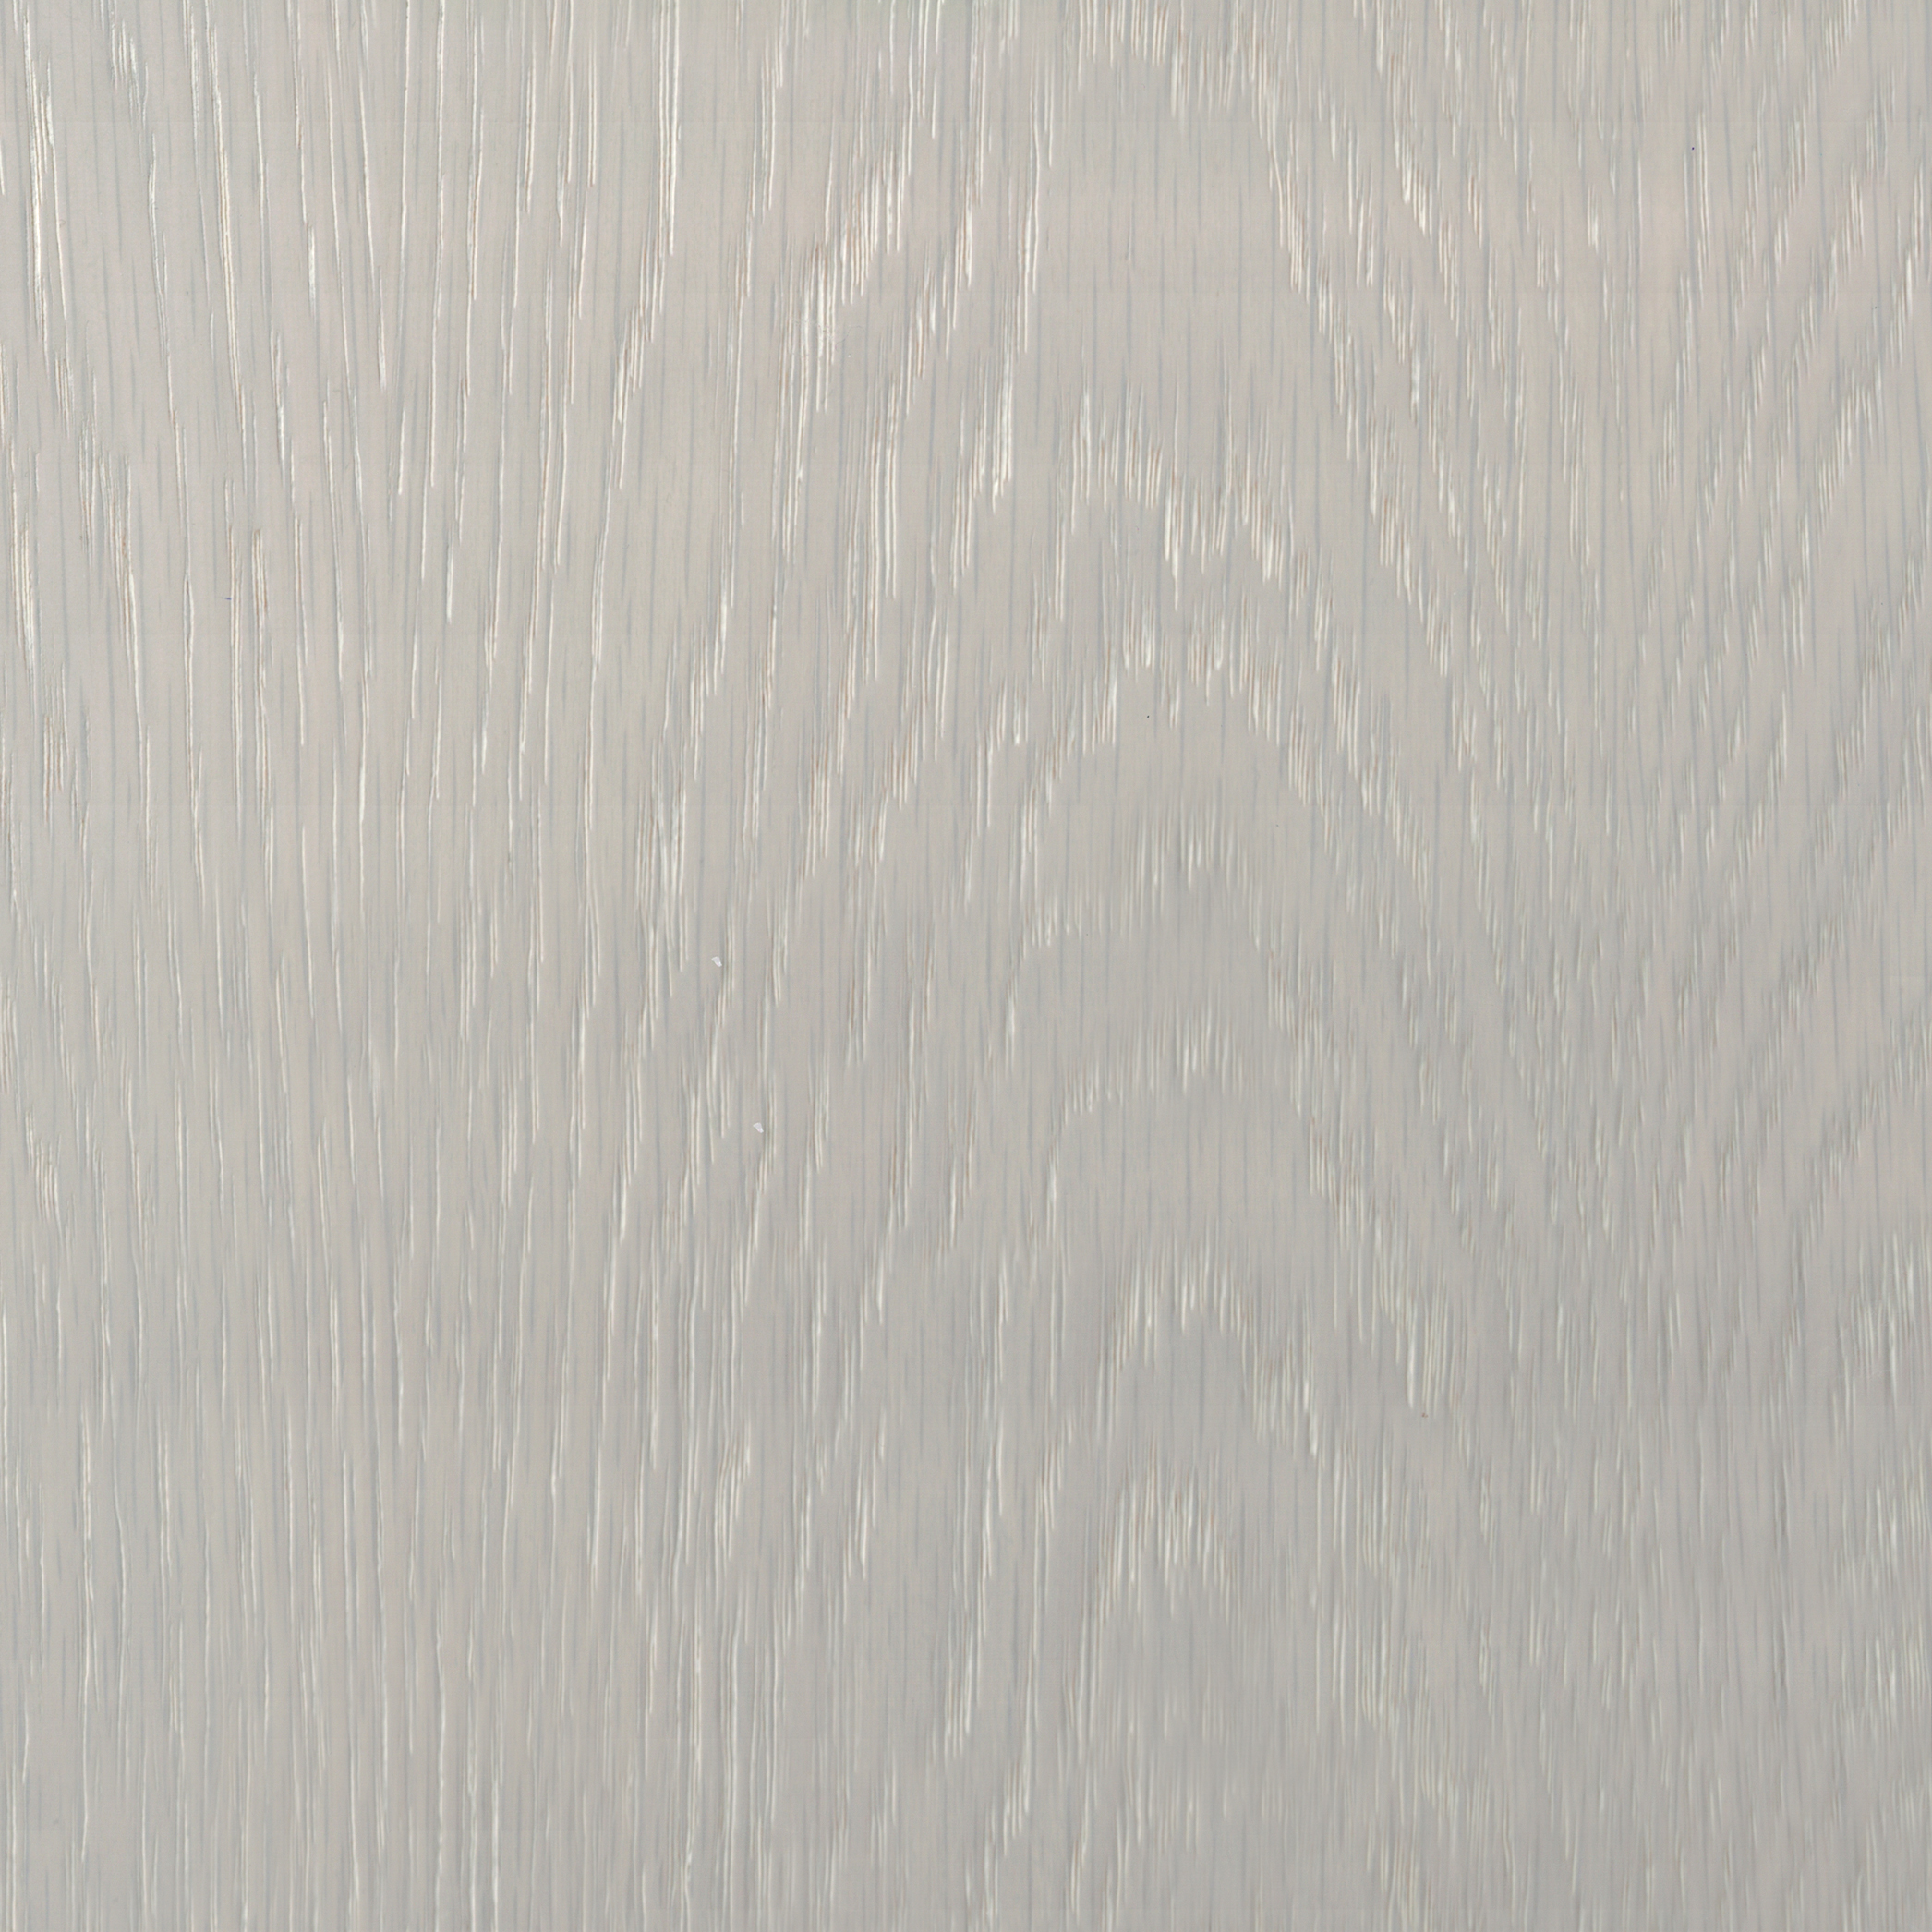 WD-11 Cerused French Grey Oak